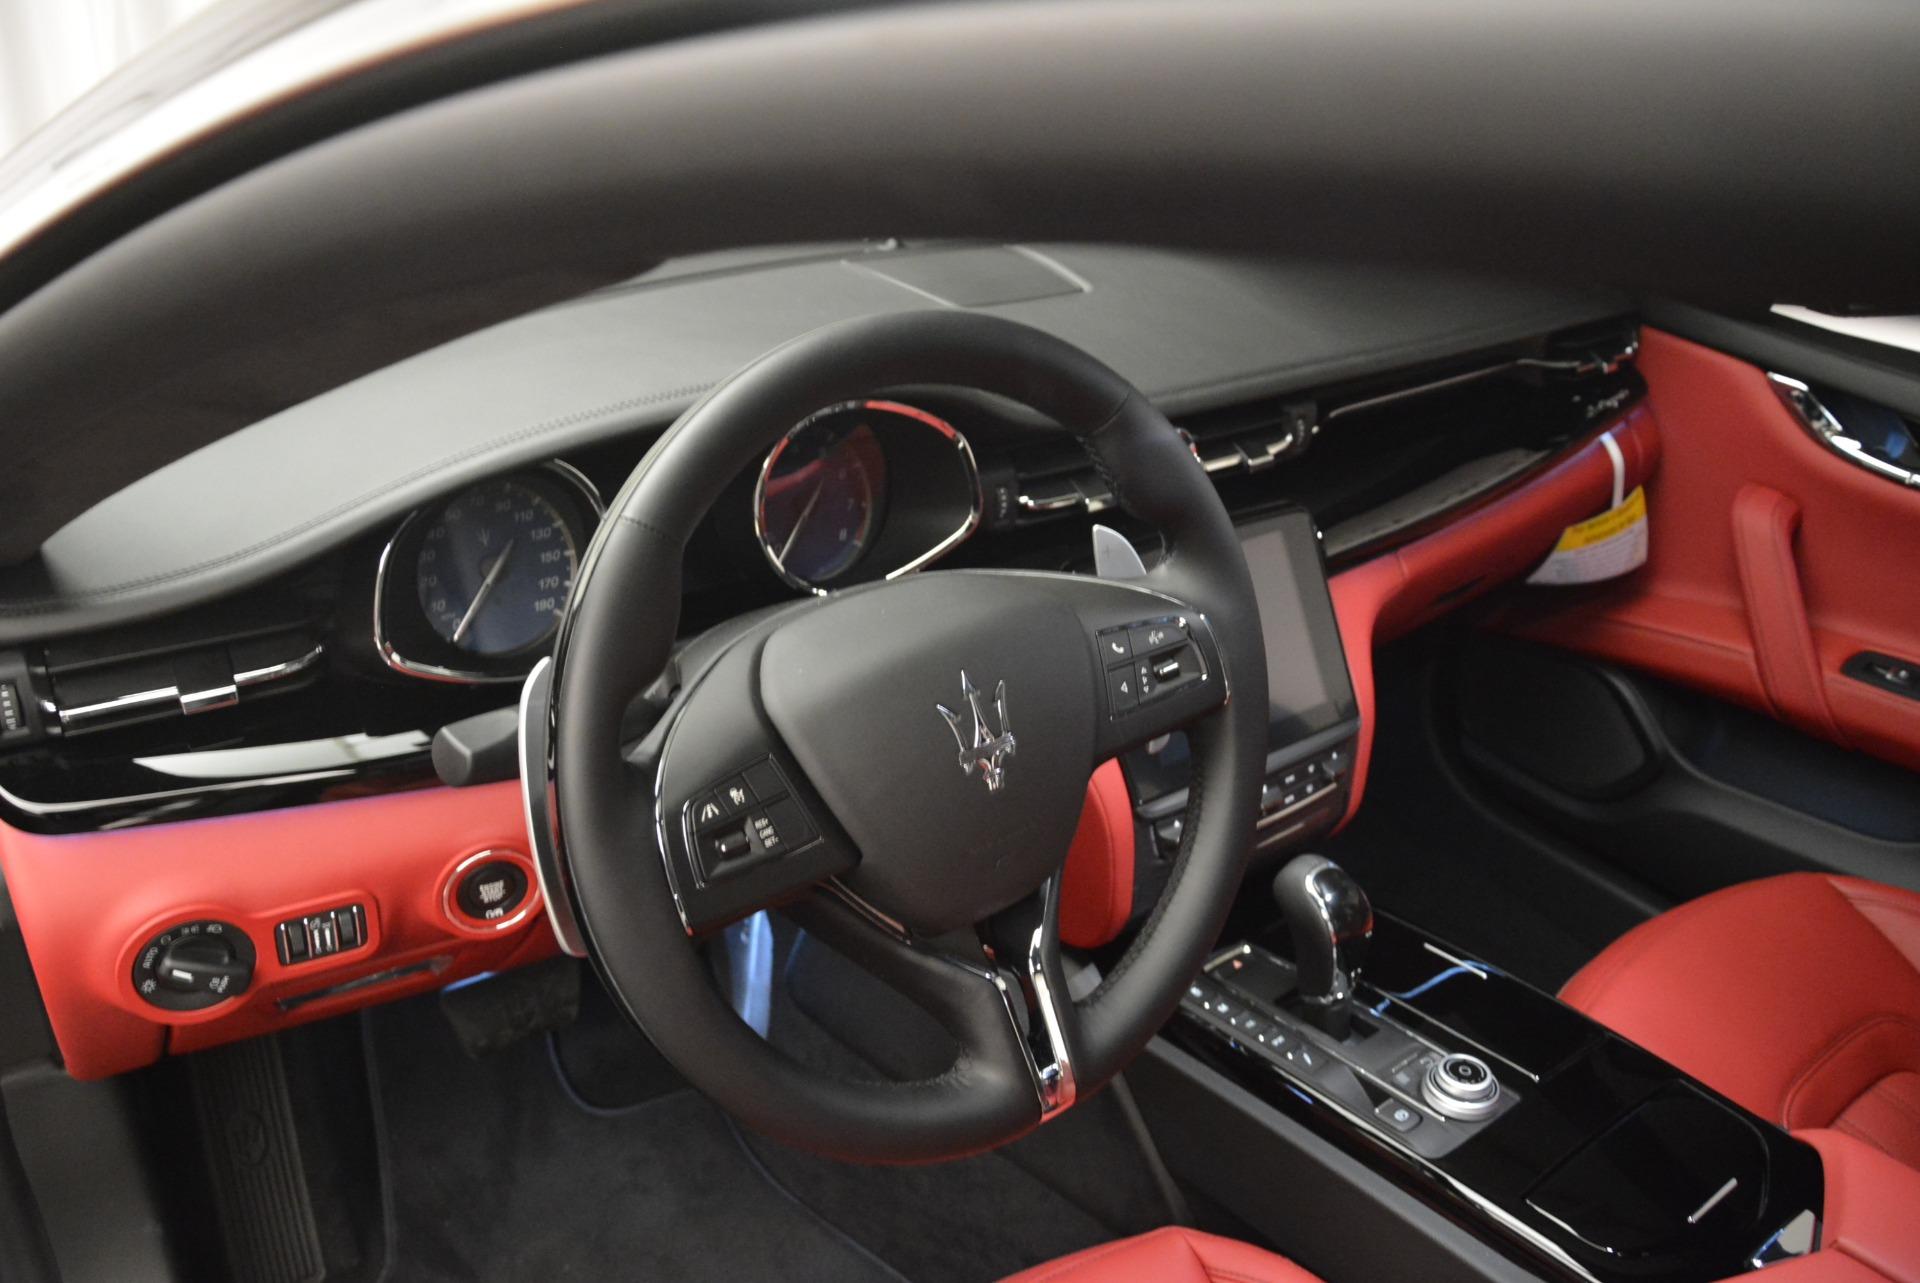 New 2018 Maserati Quattroporte S Q4 GranLusso For Sale In Westport, CT 2088_p17